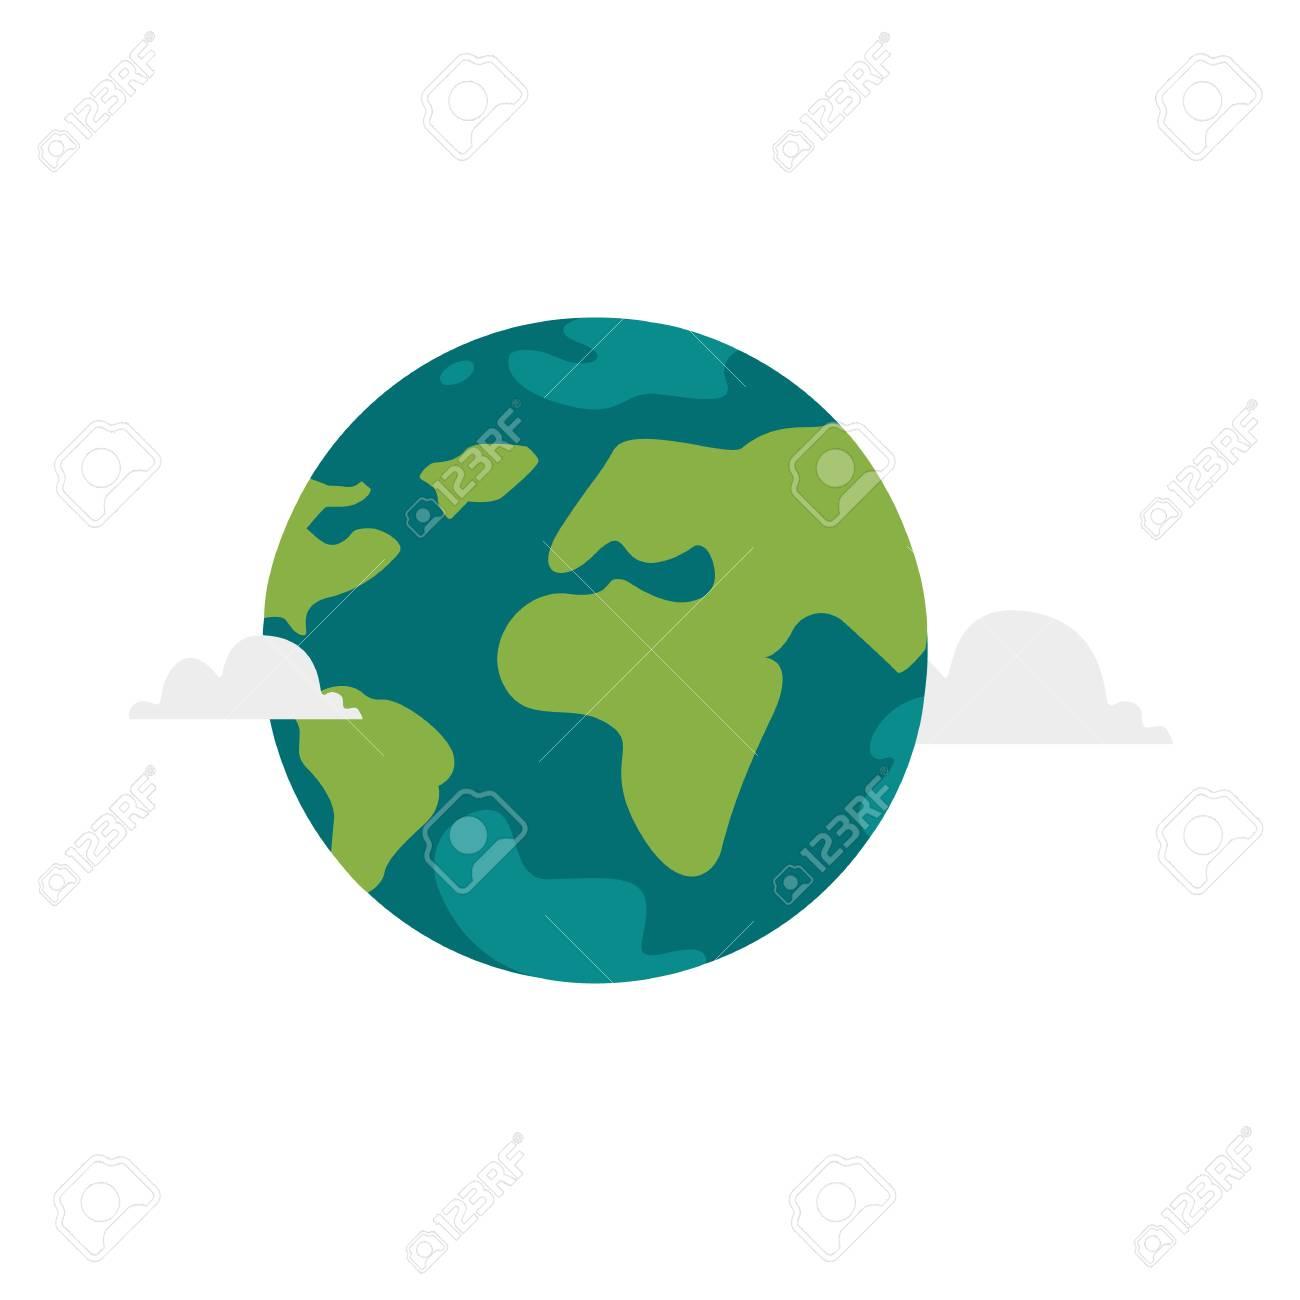 Illustration De Globe Plat Dessin Animé Vector Isolé Sur Fond Blanc.  Planète Terre Plate Avec Des Continents, Des Océans Et Des Nuages. Objet De serapportantà Image De La Terre Dessin